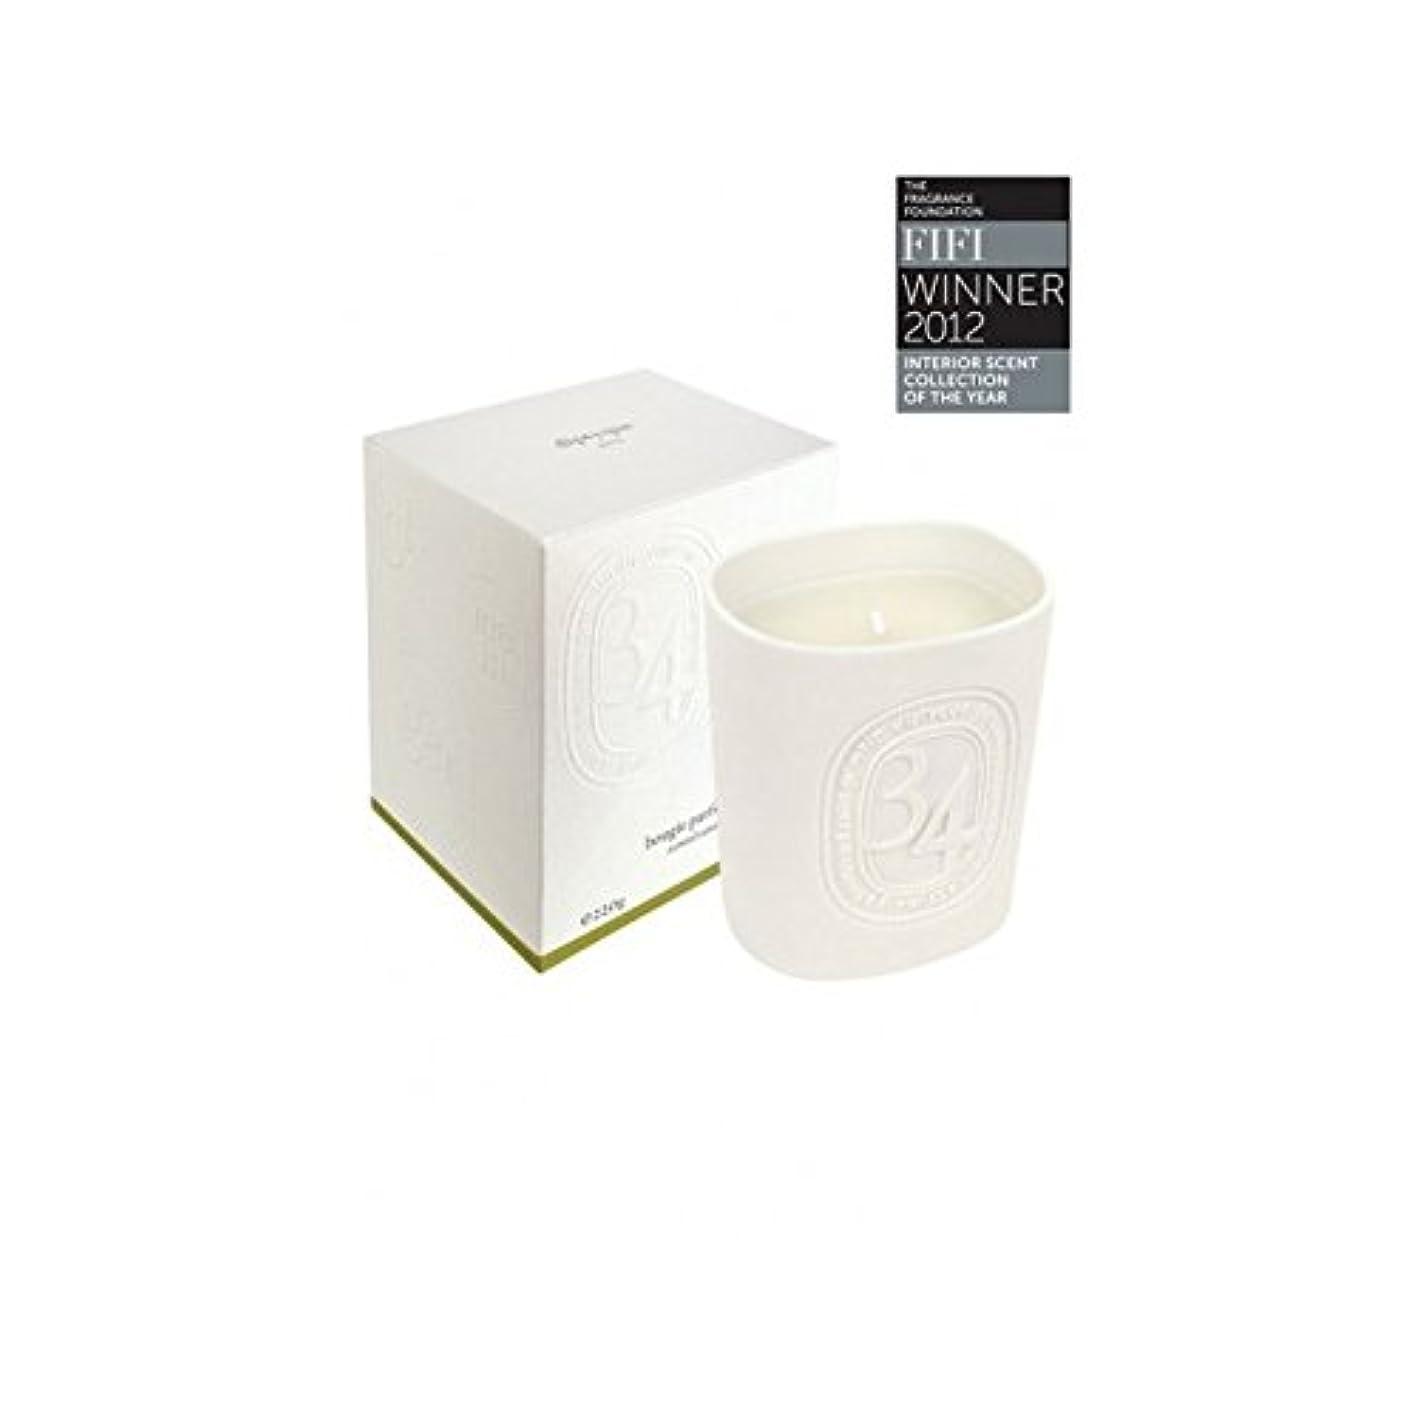 領事館予定ペパーミントDiptyque Collection 34 Boulevard Saint Germain Candle 220g (Pack of 2) - Diptyqueコレクション34大通りサンジェルマンキャンドル220グラム...